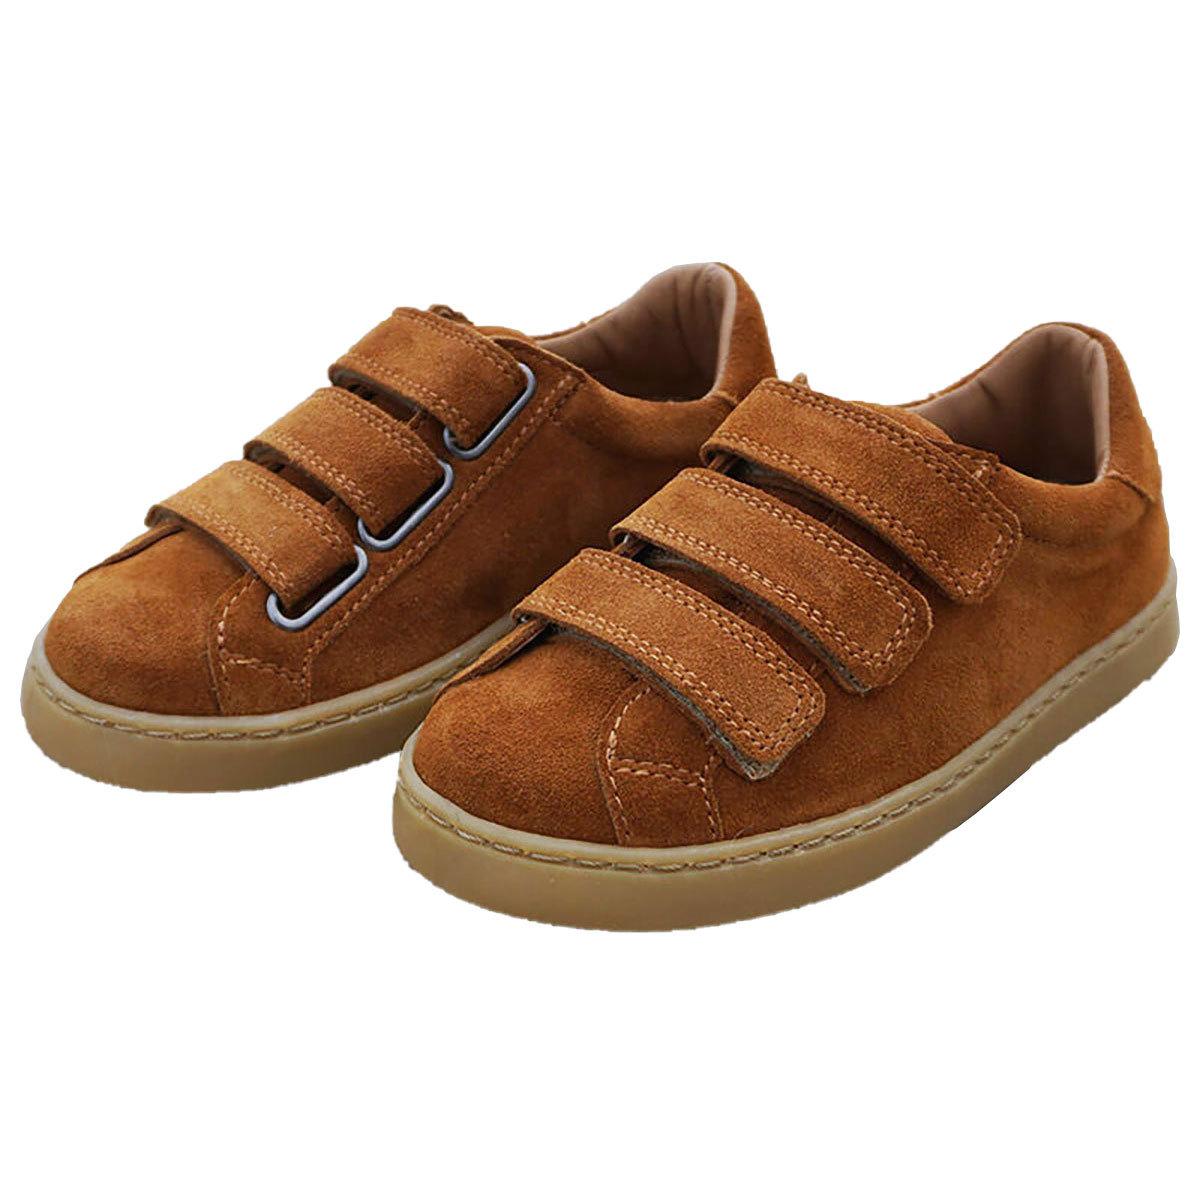 Chaussons & Chaussures Basket Môme Camel - 23 Basket Môme Camel - 23